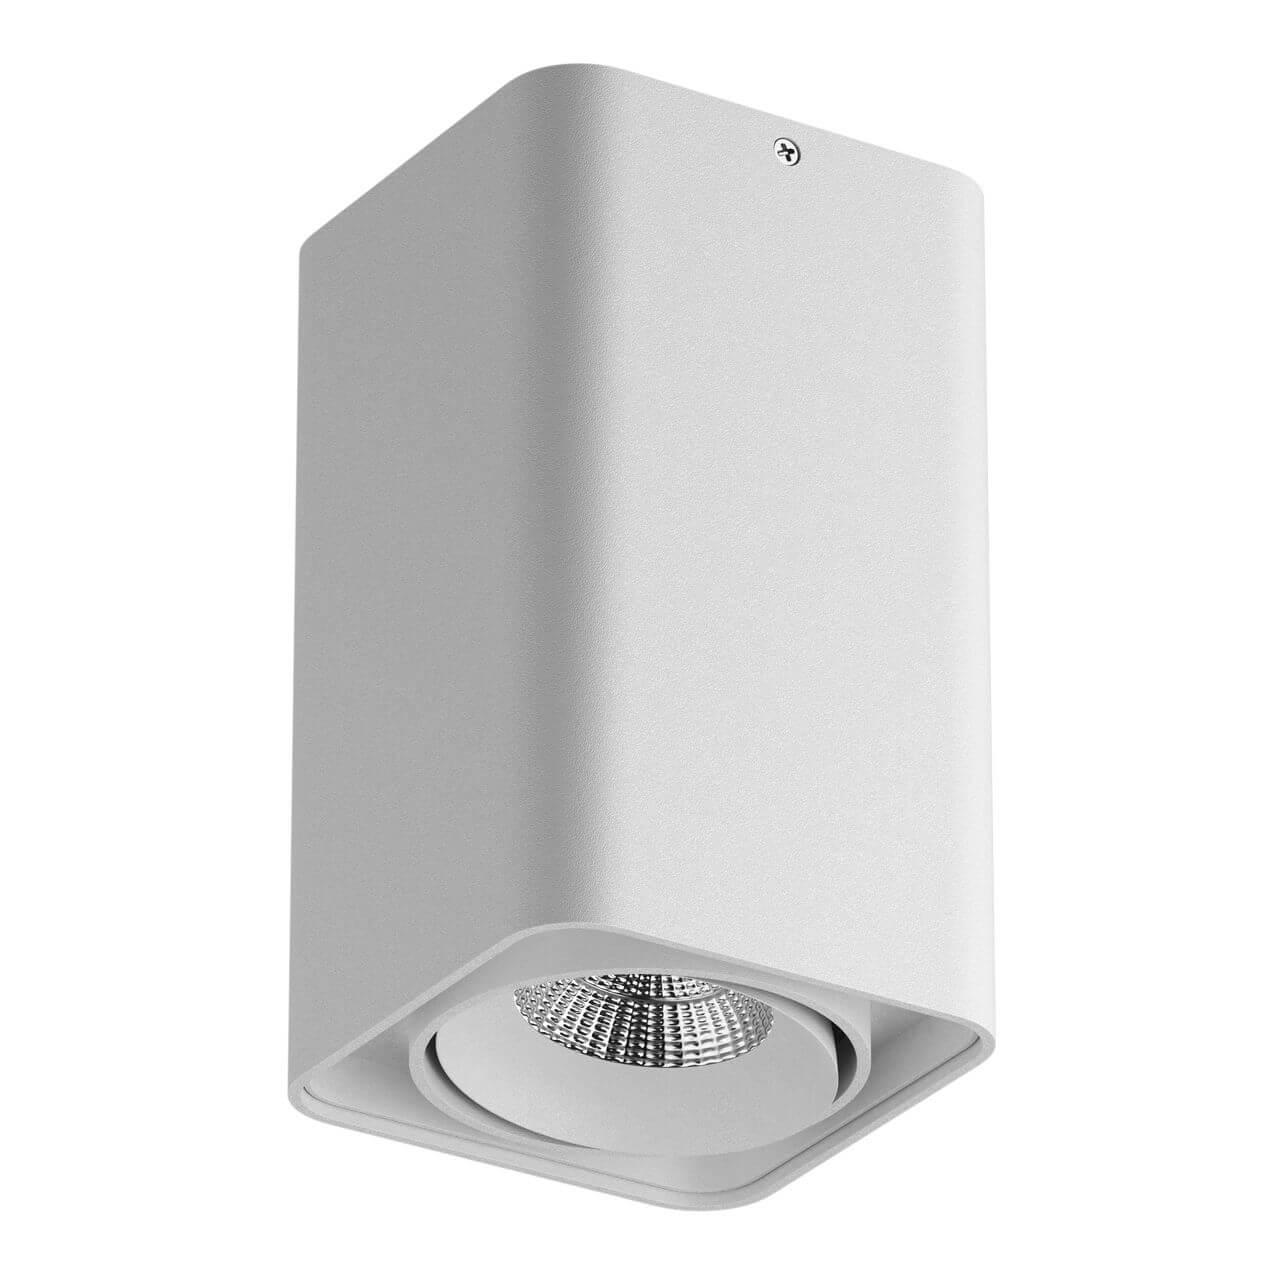 Потолочный светодиодный светильник Lightstar Monocco 052136R накладной светильник lightstar monocco 052136r